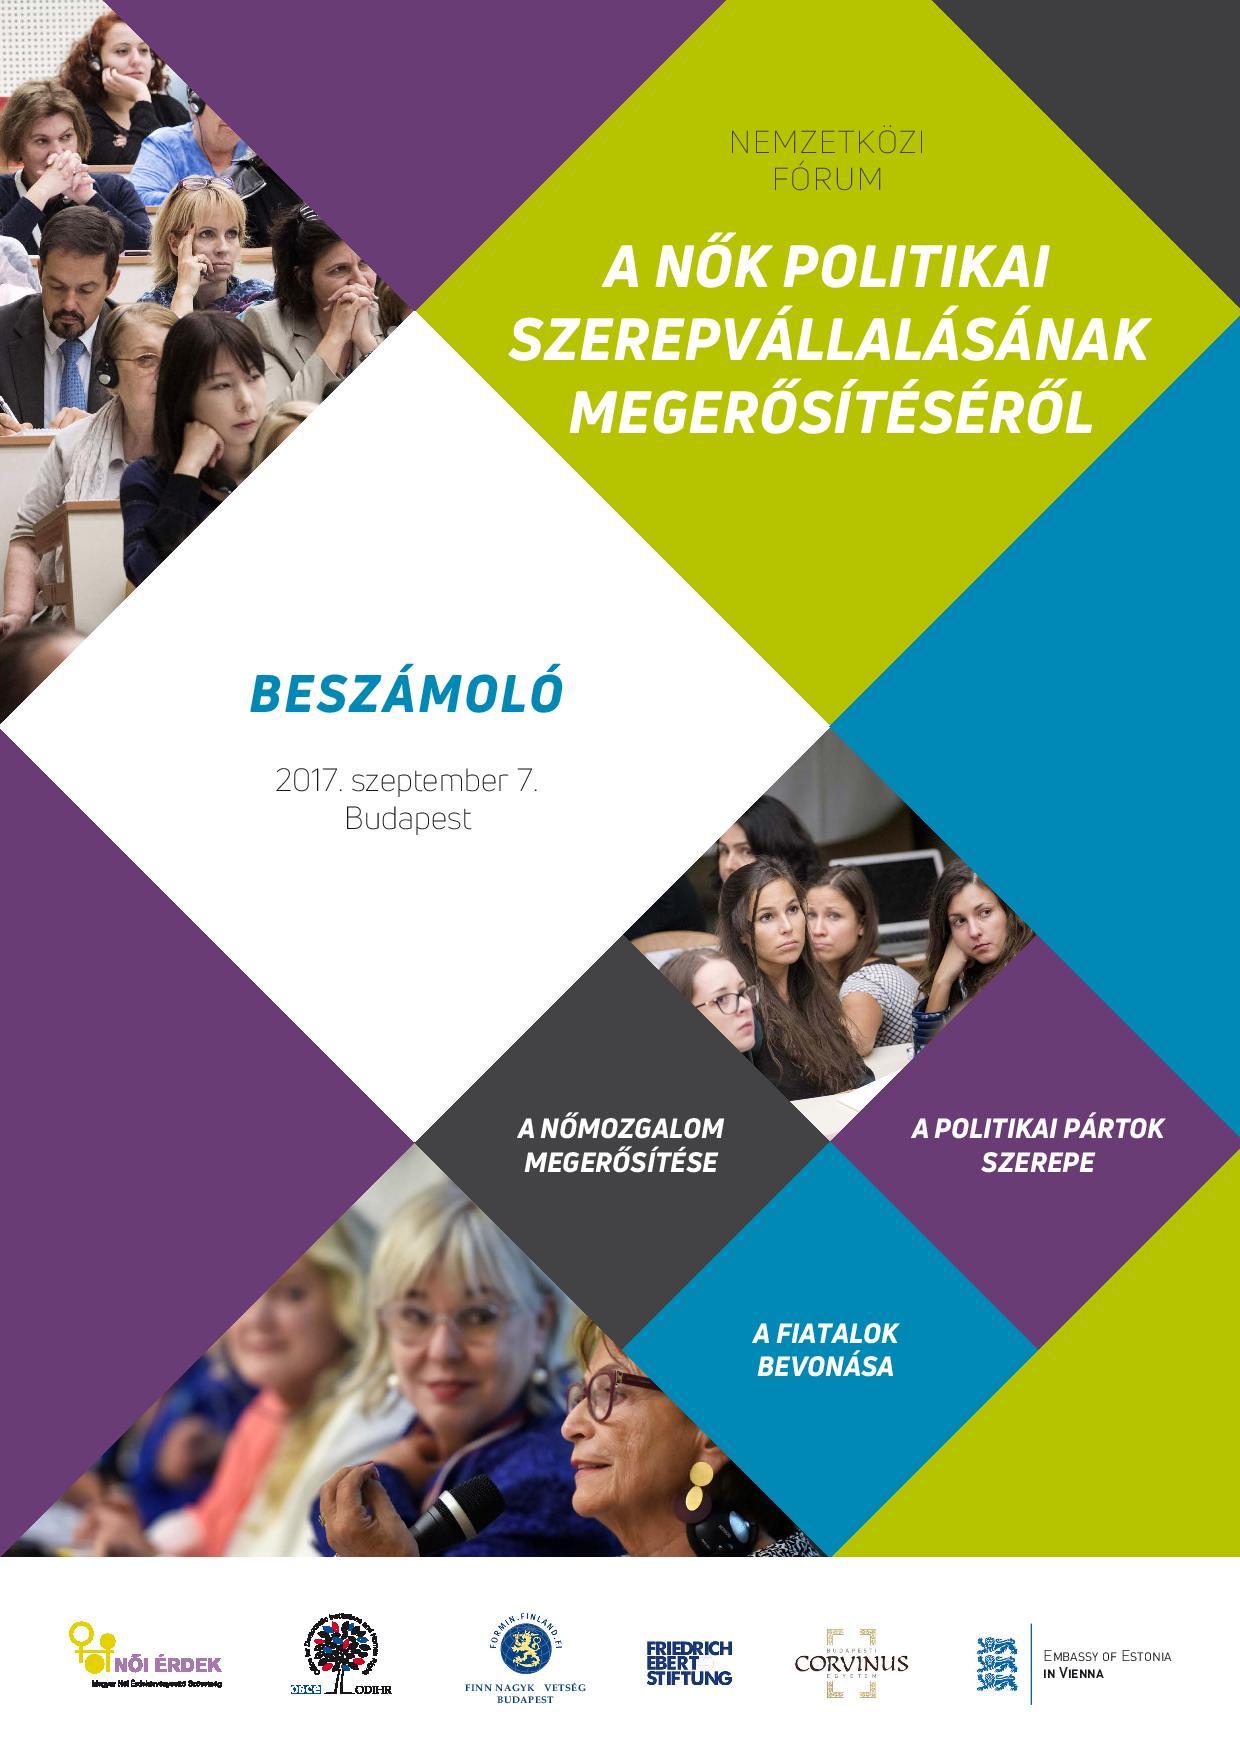 Nemzetközi fórum a nők politikai szerepvállalásának megerősítéséről, 2017